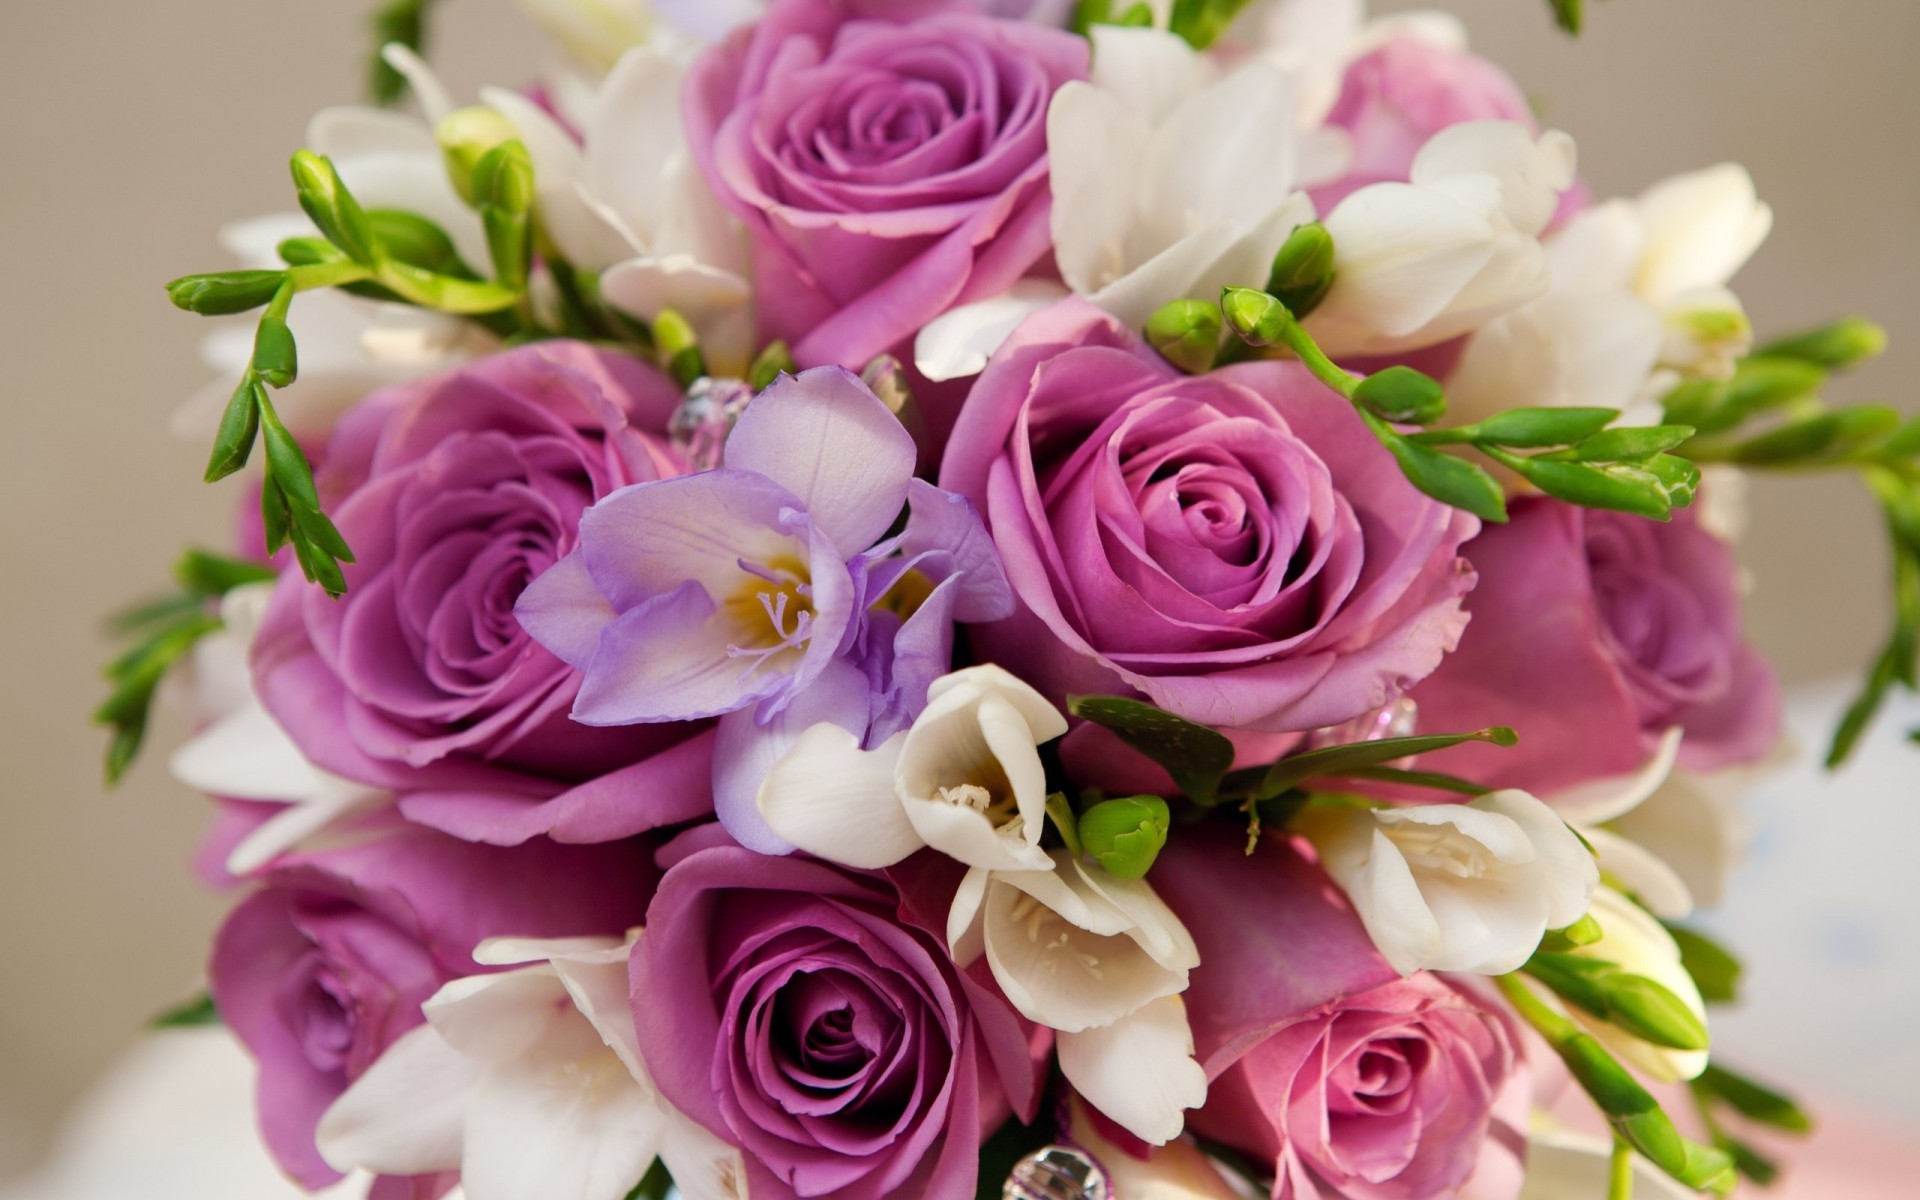 сегодня красивое фото с цветами поэтому